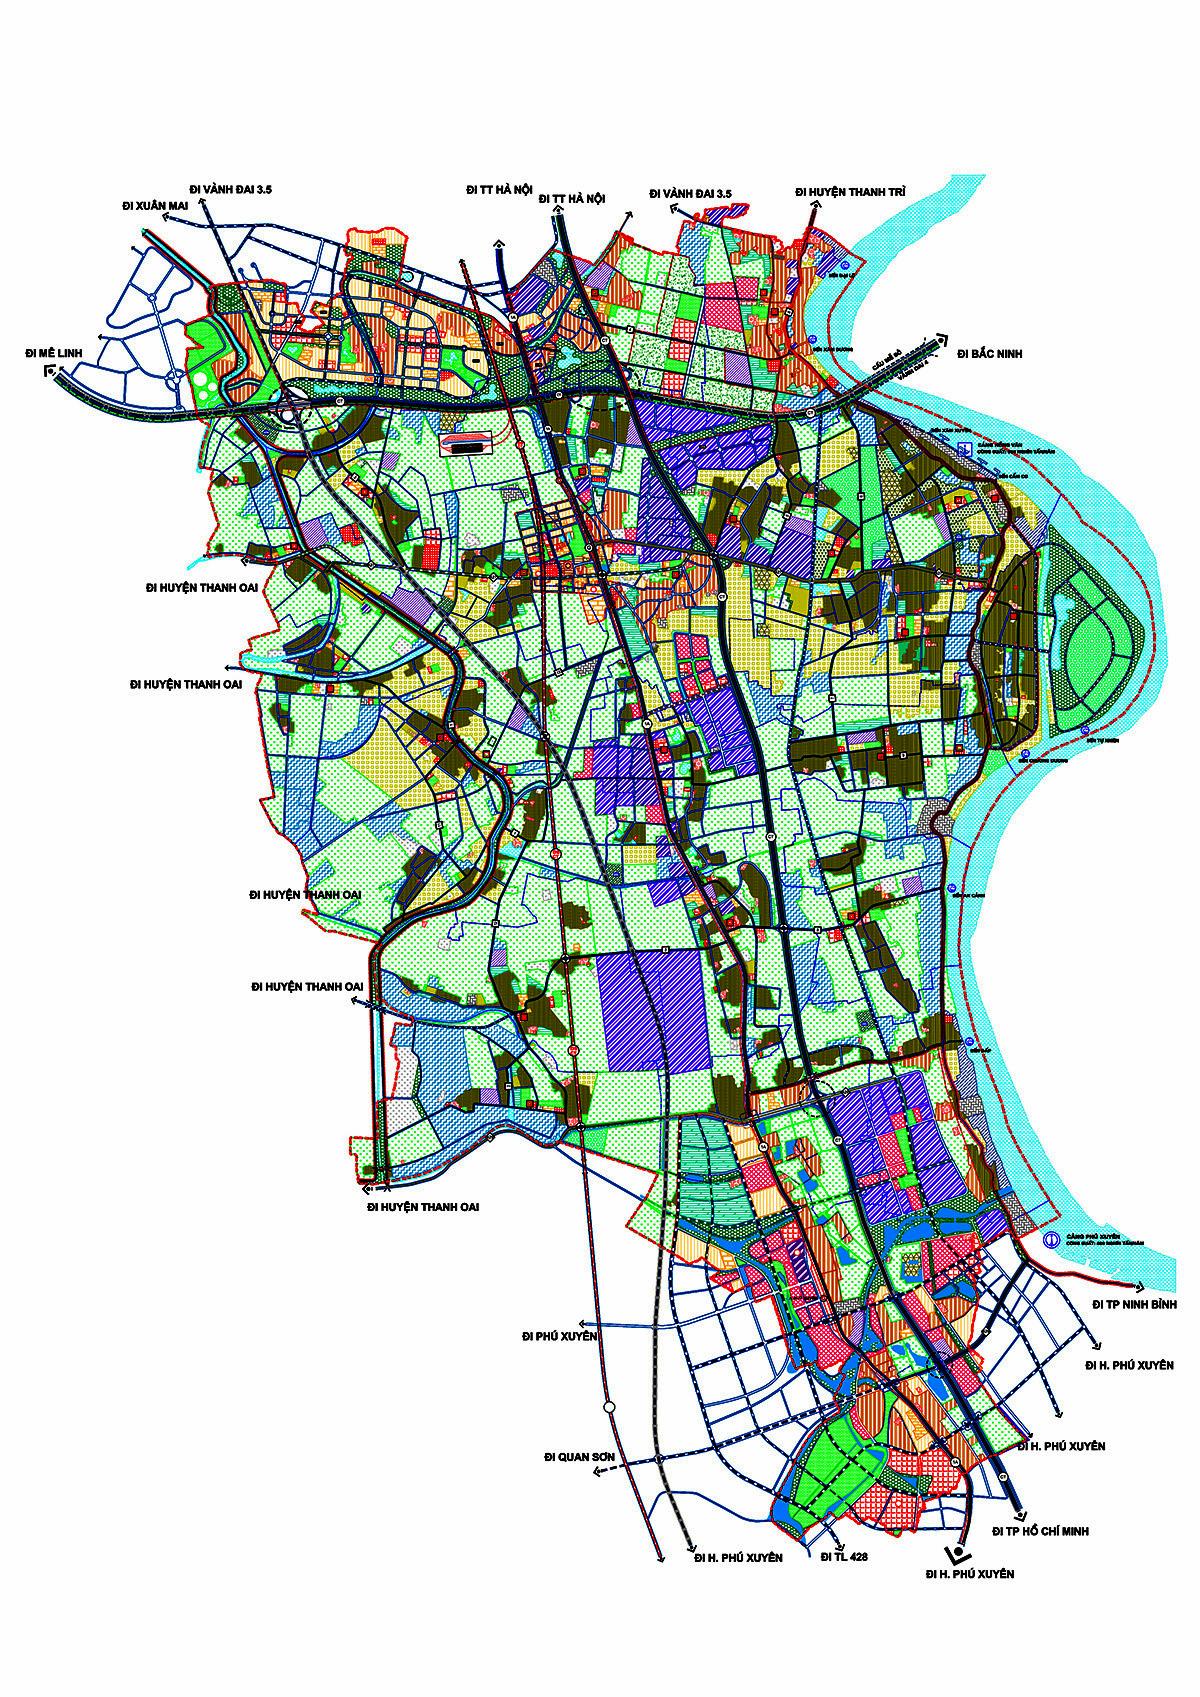 xin giấy phép xây dựng, thiết kế nhà và thi công xây dựng trọn gói tại huyện thường tín.